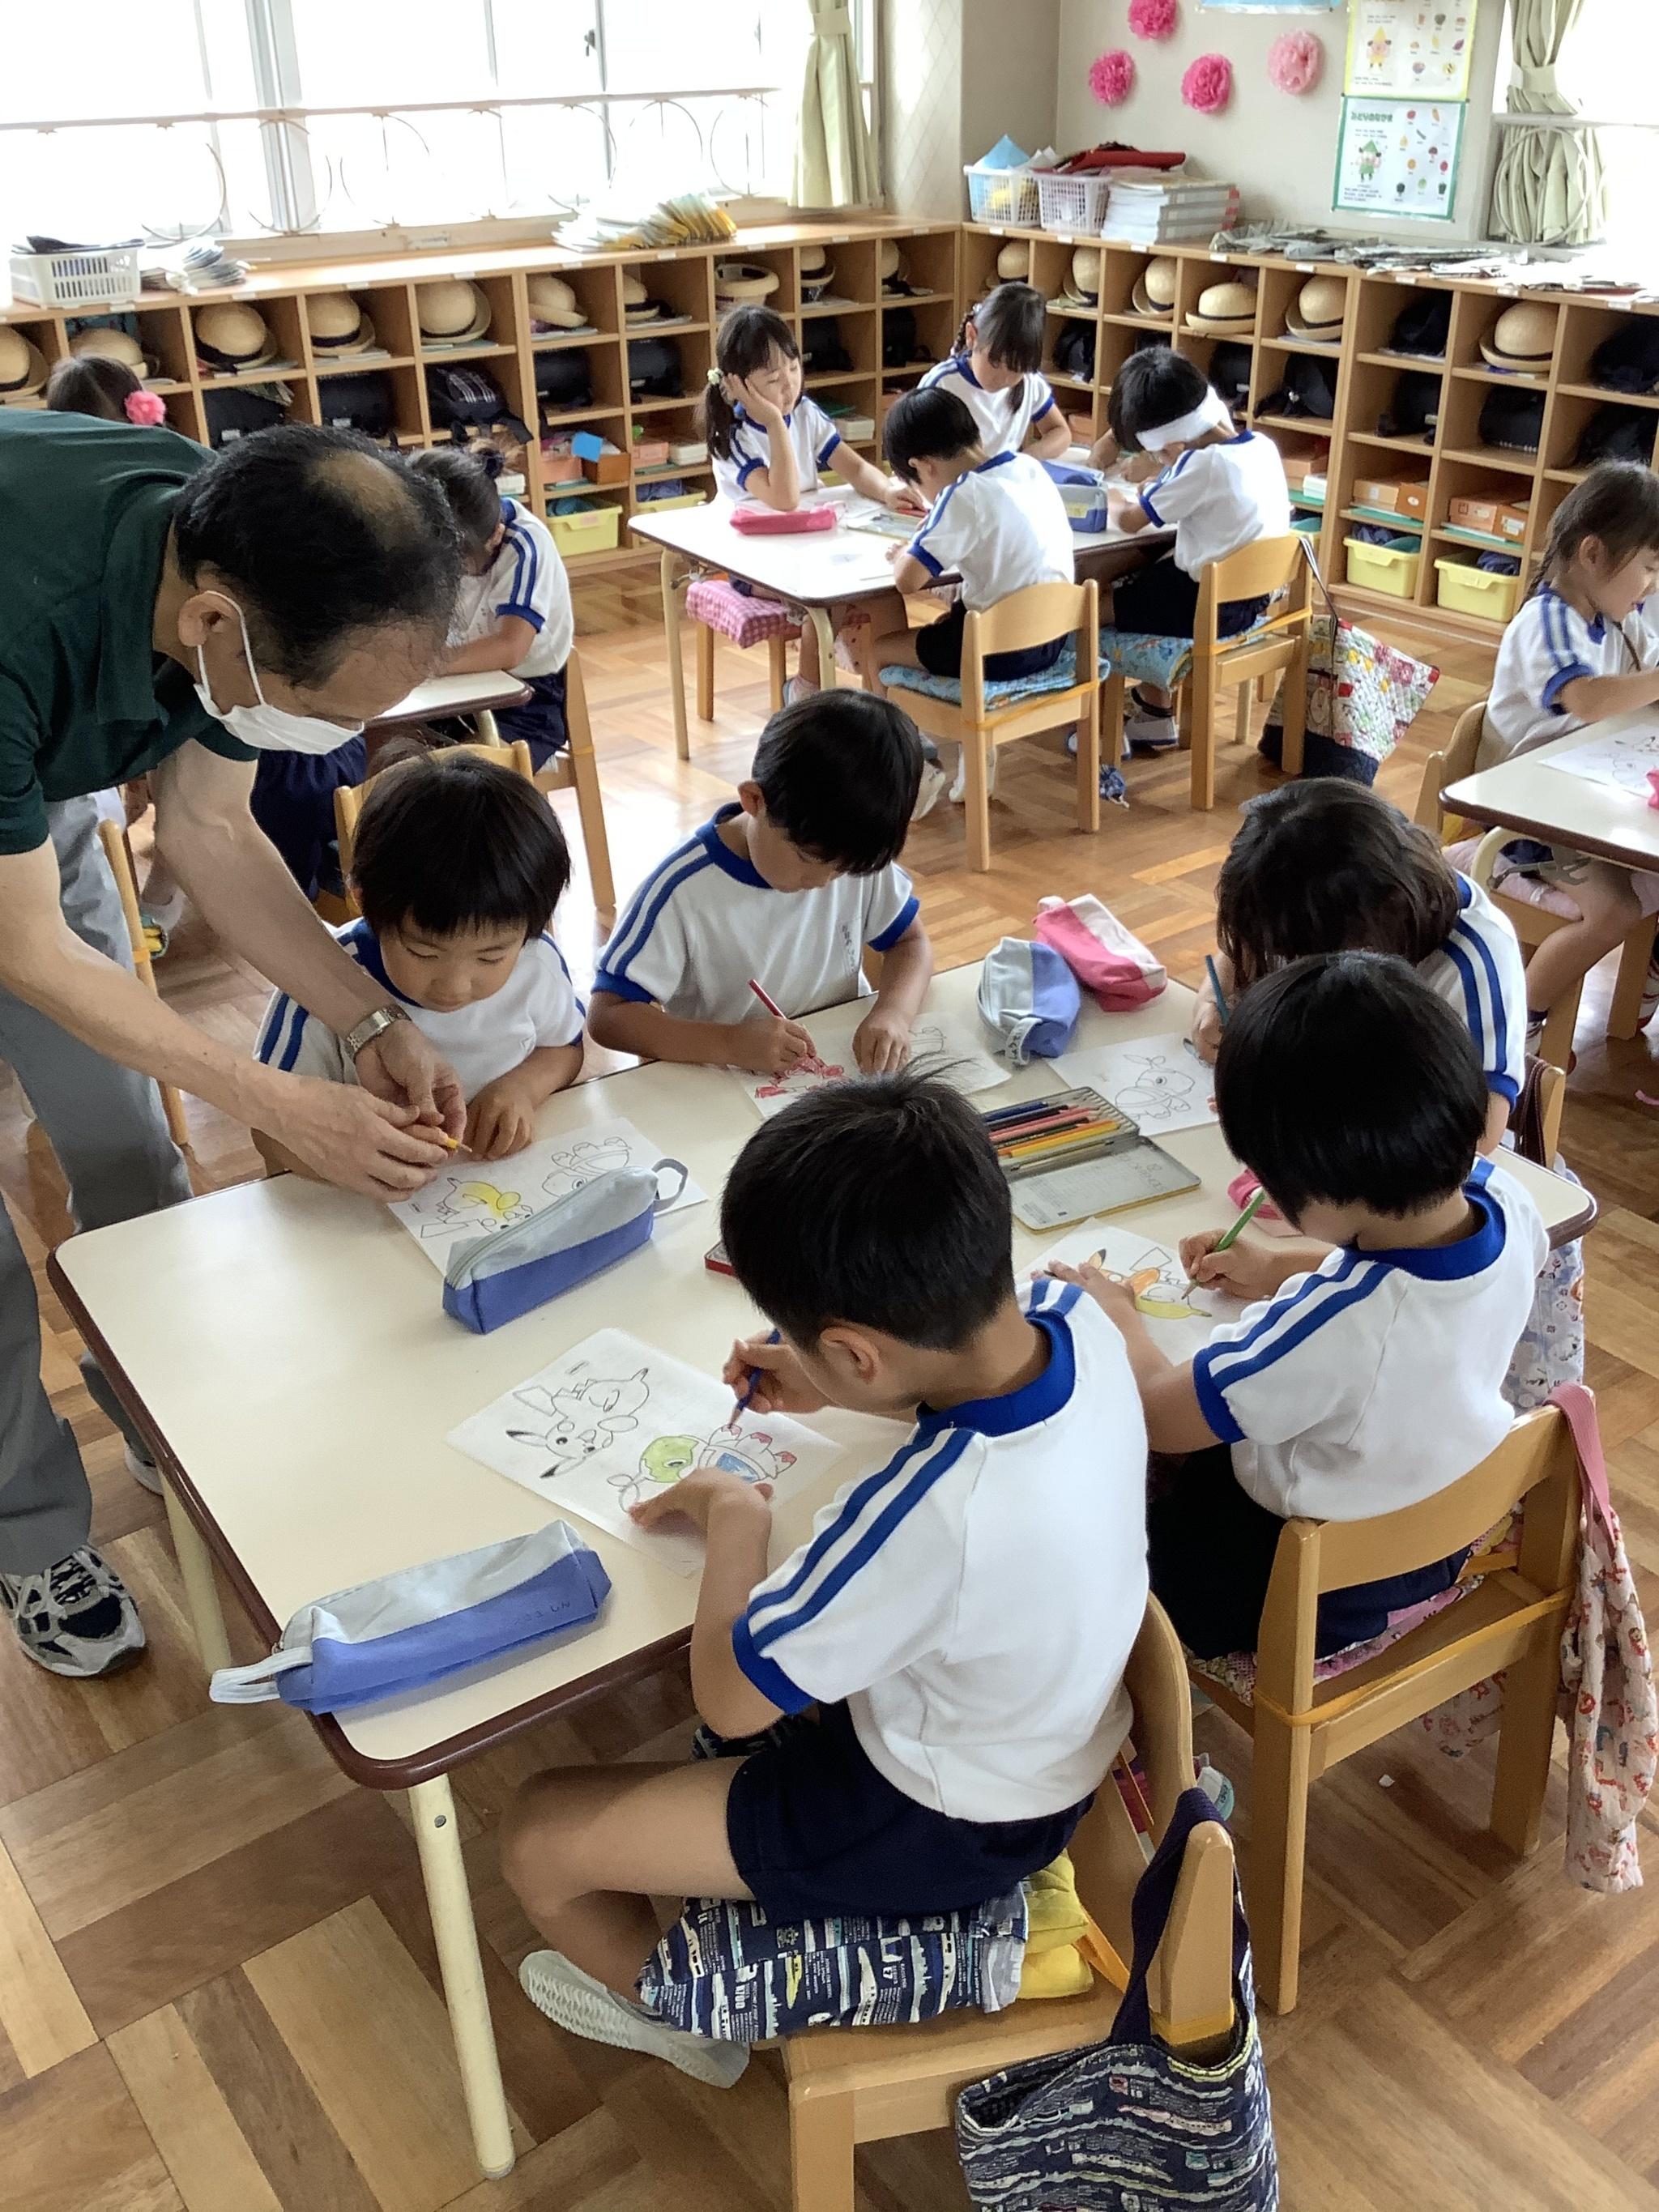 学校法人織田学園 やよい幼稚園の公式ホームページ